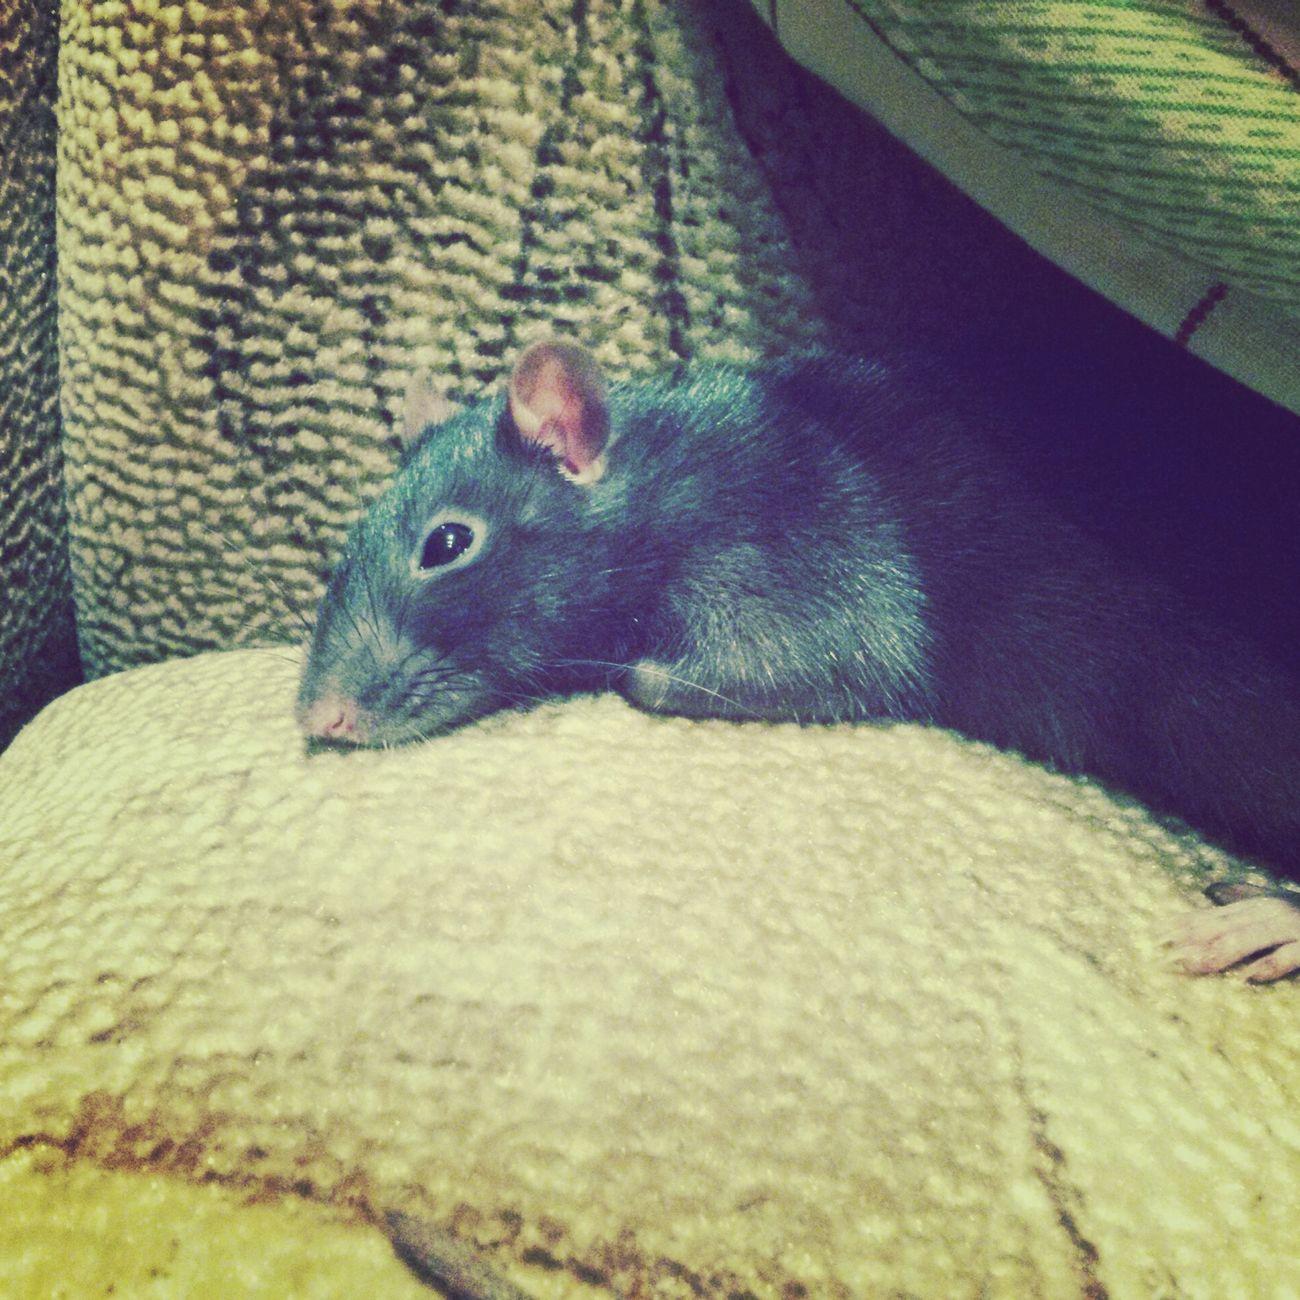 Моя мышуня Hi! Popular Photos Likes популярные фото животный мир Крысы крыса Loveanimals❤️ животные <3 AnimaLs <3 LADA крыска пацюк